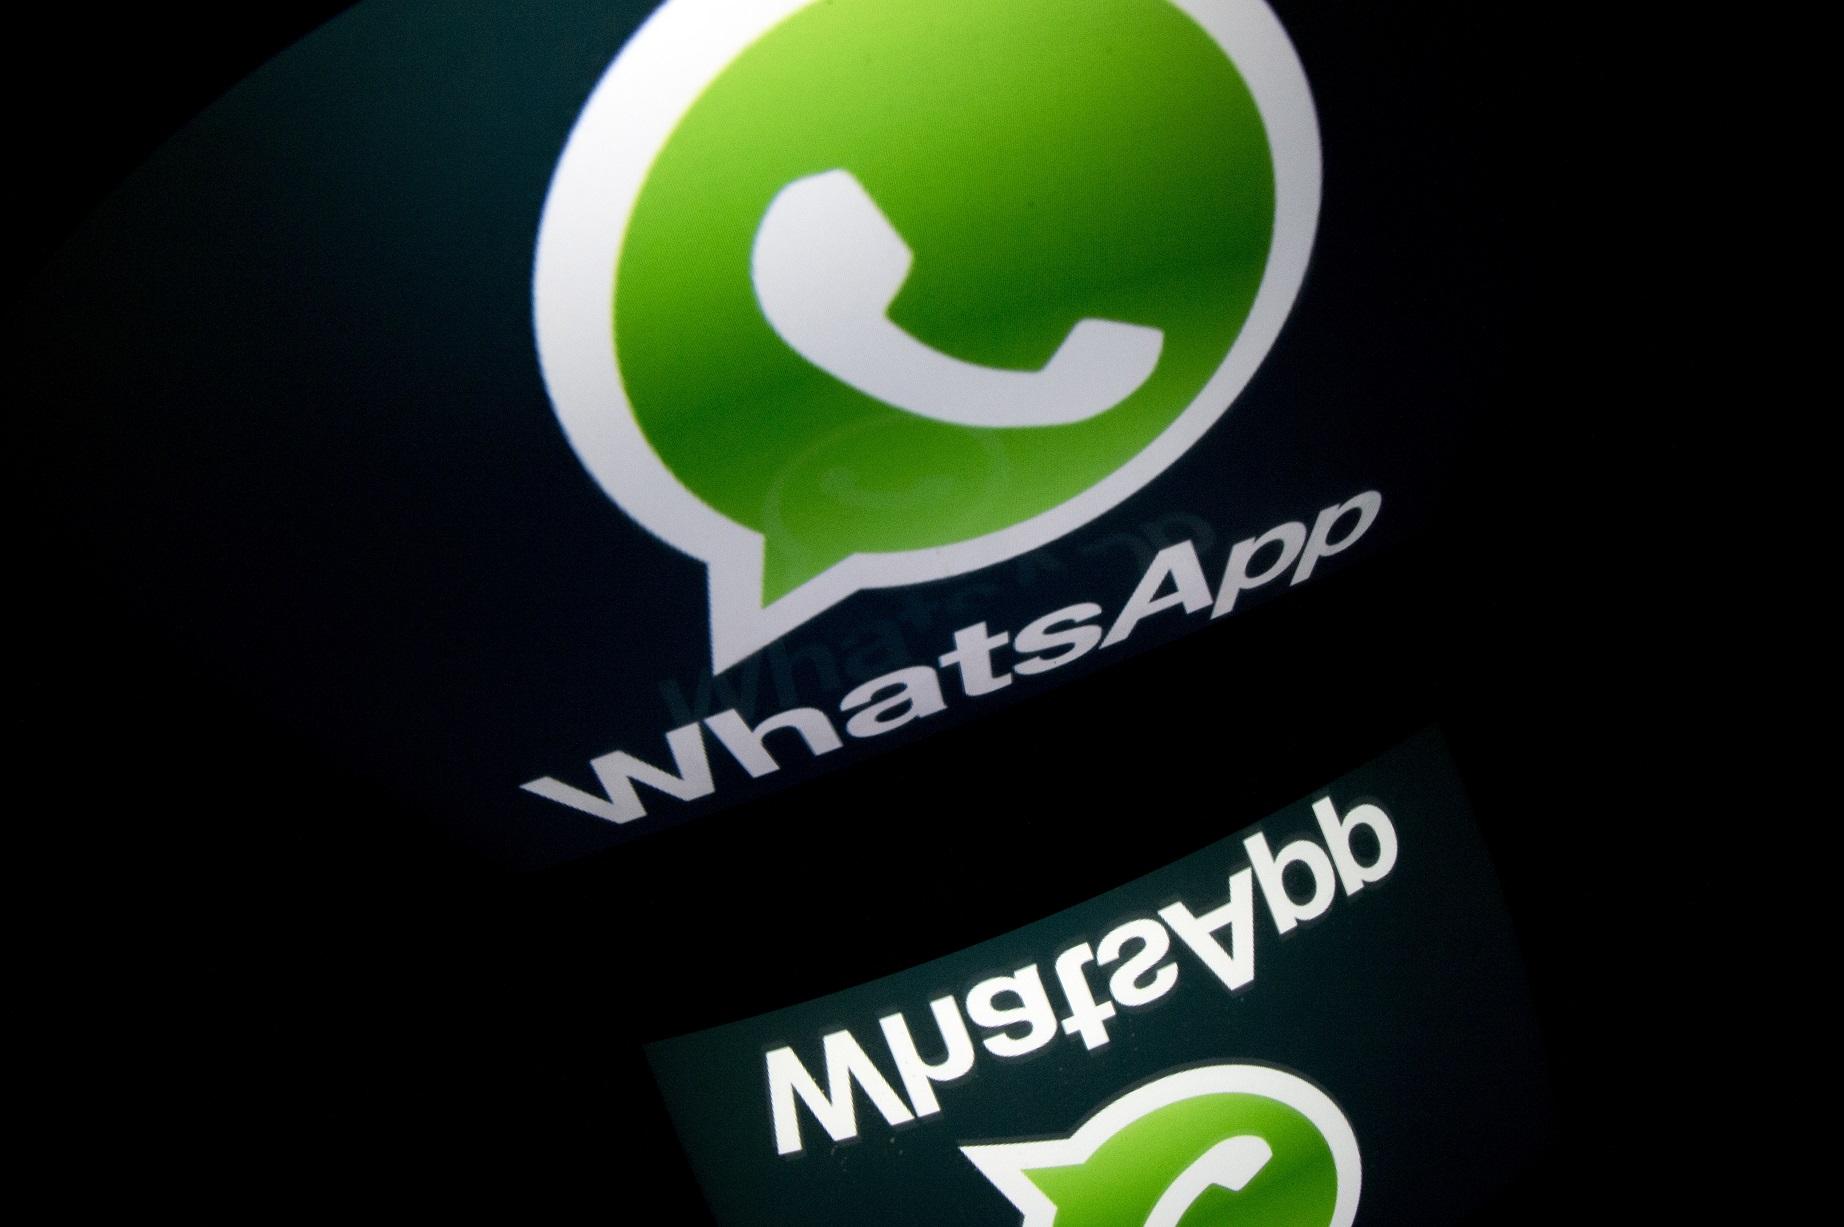 Come fare pesce d'aprile con WhatsApp